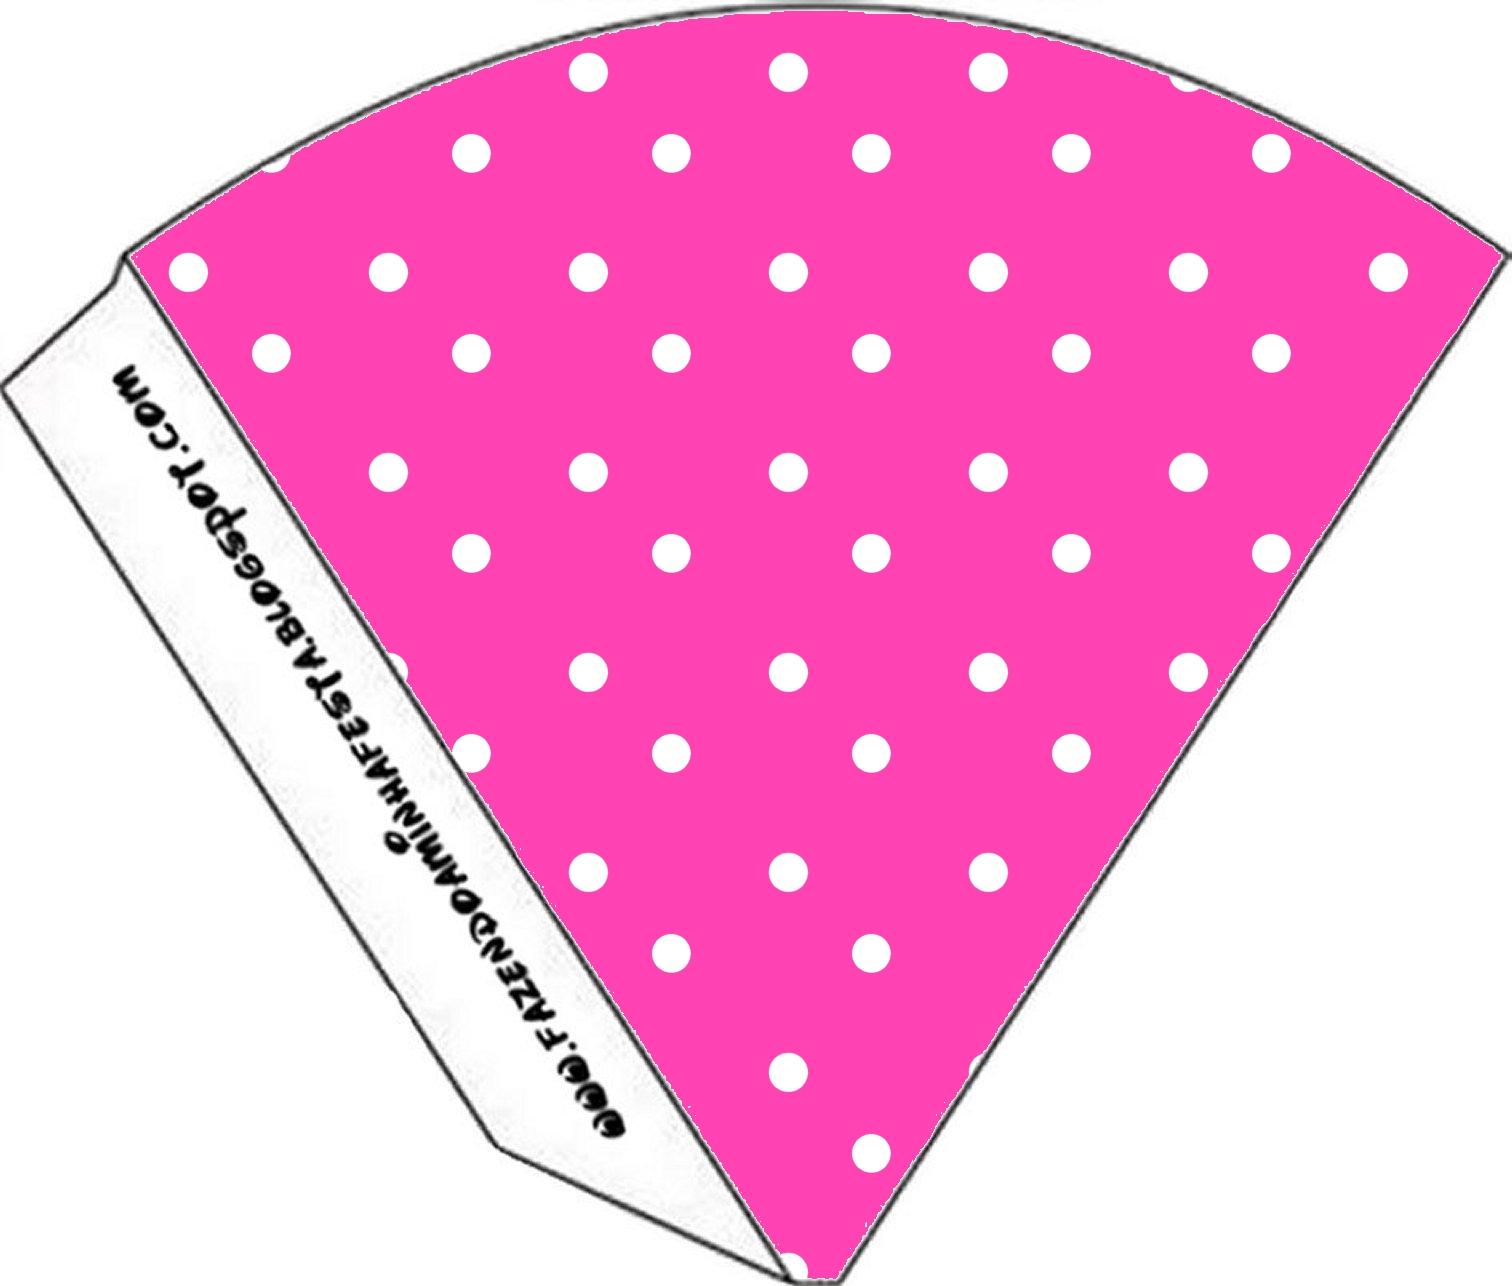 pezones rosados vids coño gratis